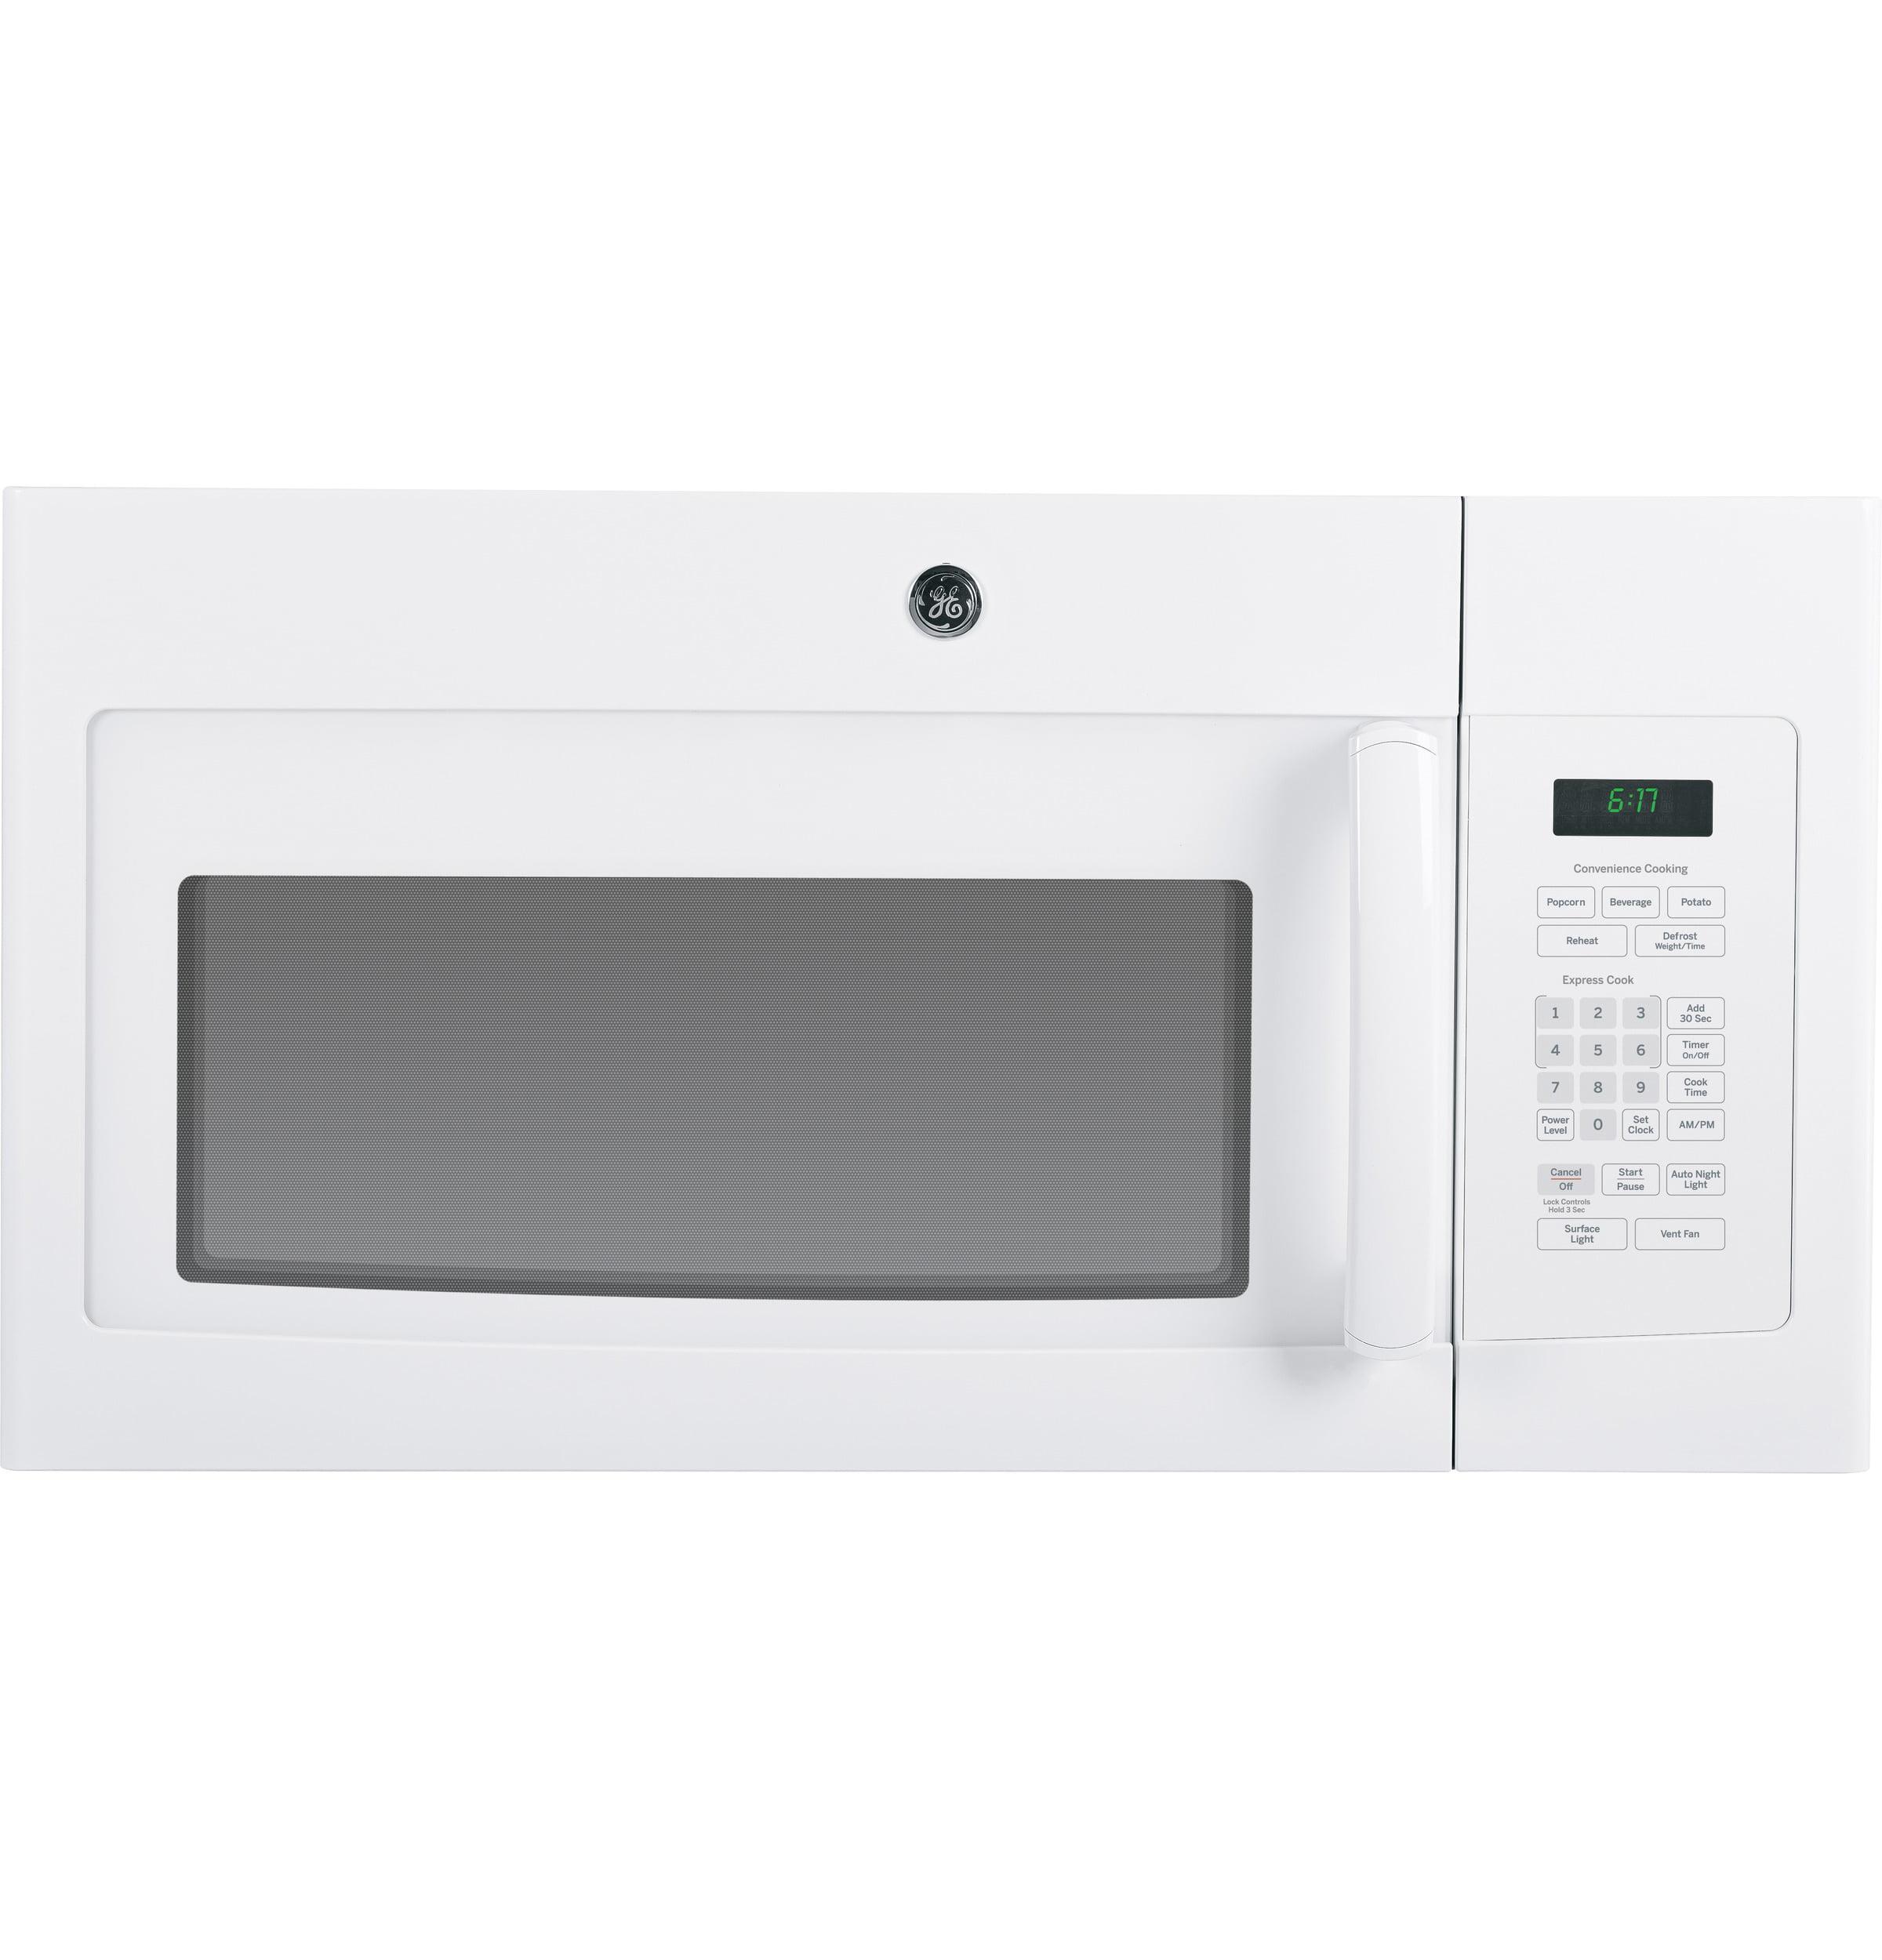 Ge Emaker Microwave Filter Bestmicrowave